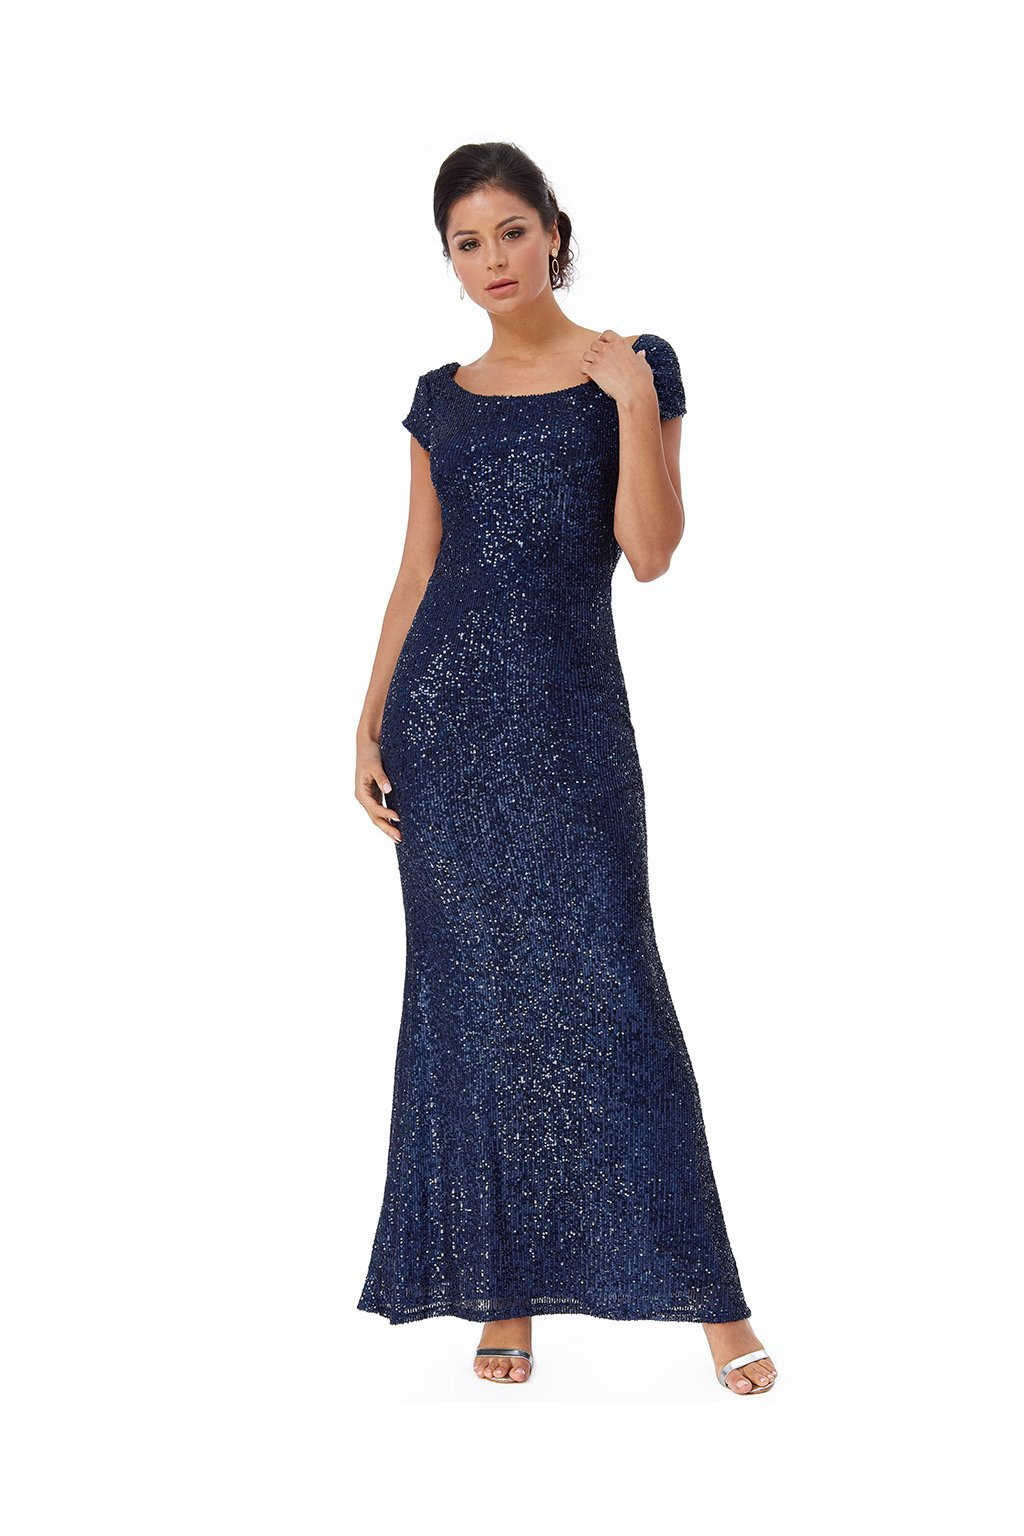 Dlouhé společenské šaty Liberty tmavě modré